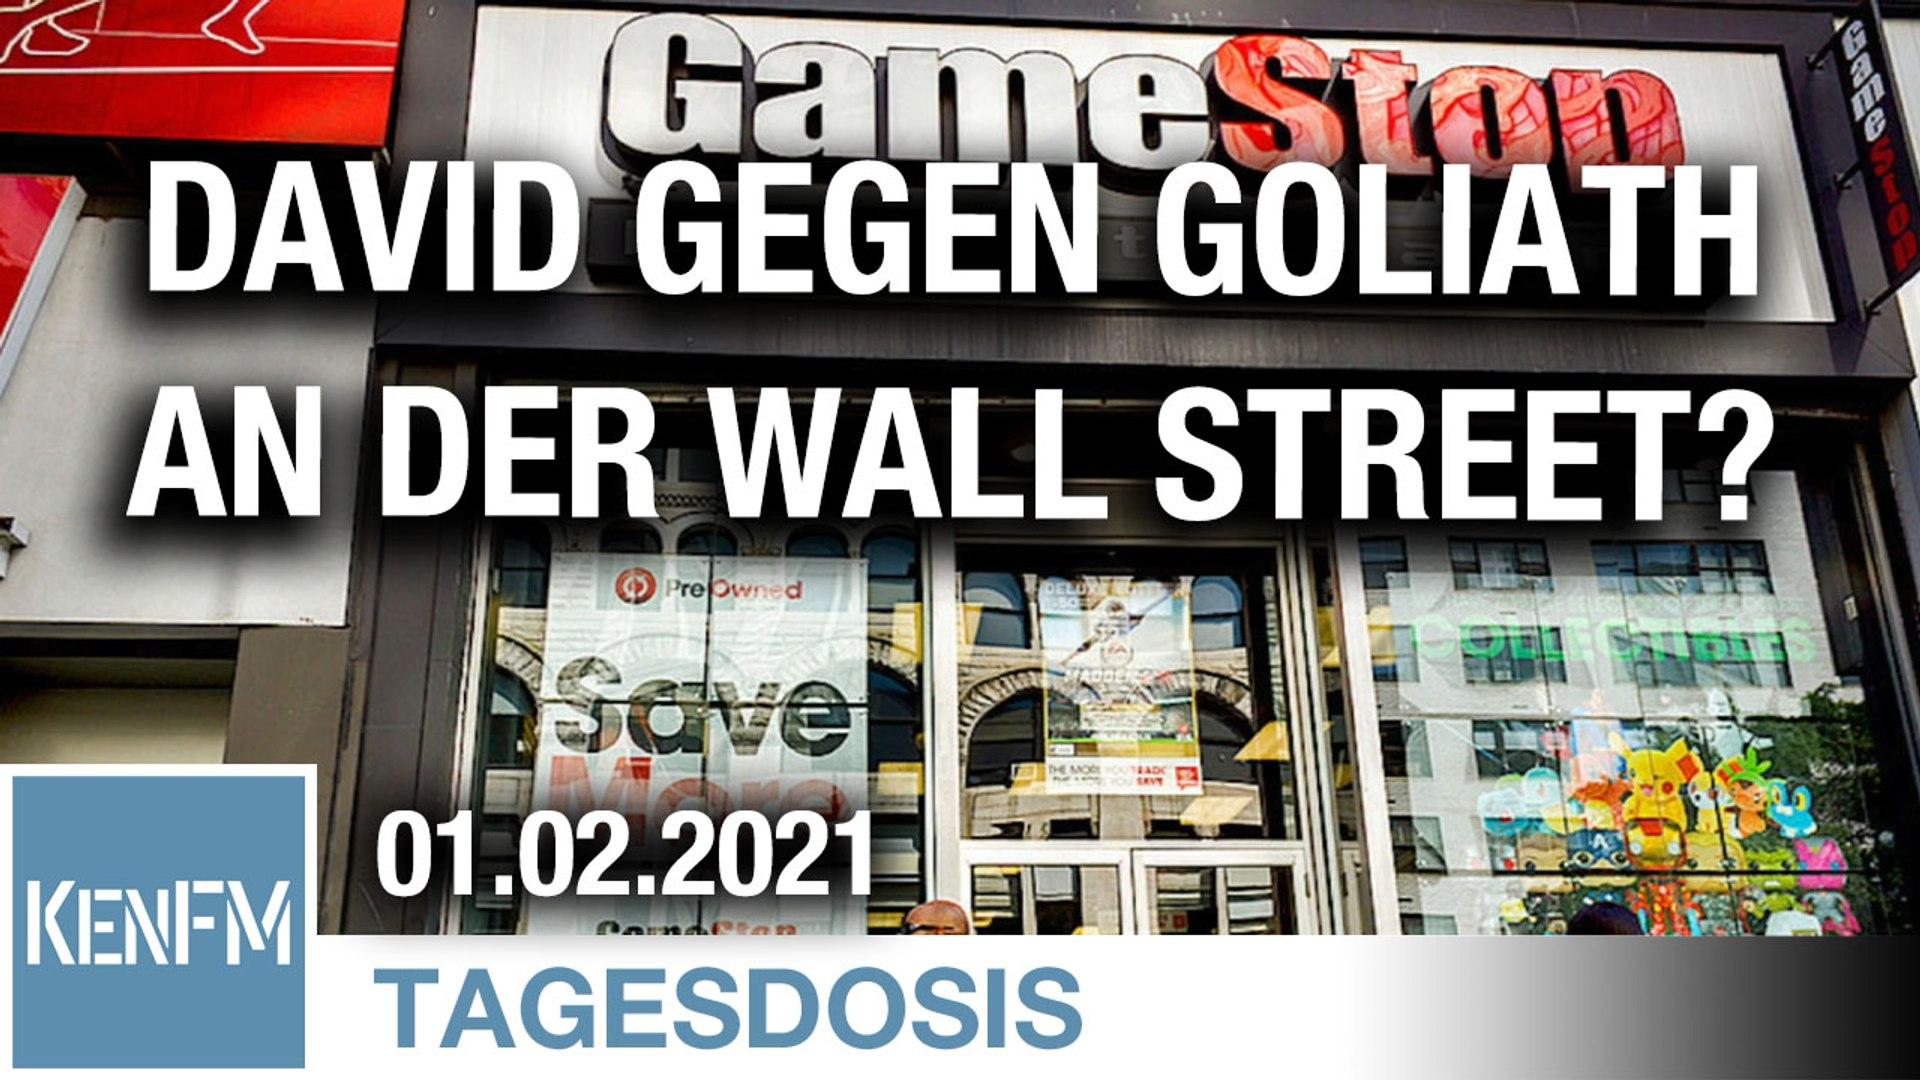 David gegen Goliath an der Wall Street?